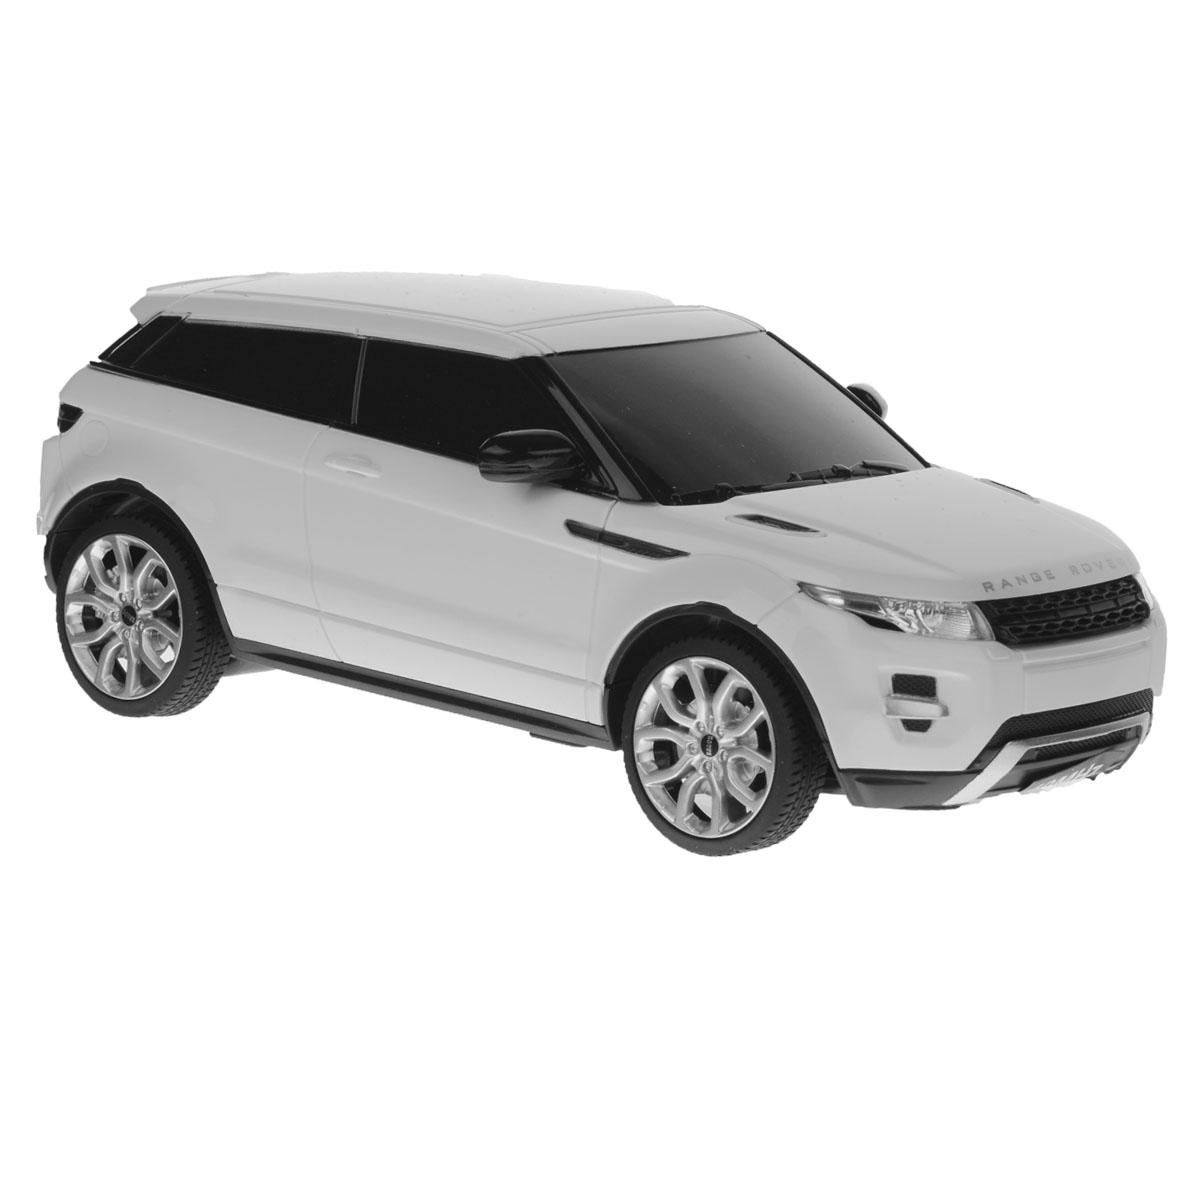 """Радиоуправляемая модель Rastar """"Range Rover Evoque"""" со световыми эффектами, являющаяся точной копией настоящего автомобиля, - отличный подарок не только ребенку, но и взрослому. Это точная копия настоящего автомобиля, которая изготовлена из прочных материалов, шины выполнены из мягкой резины. При движении у машины горят передние и задние фары. Она может перемещаться вперед, дает задний ход, поворачивает влево и вправо, останавливается. Ребенок часами будет играть с моделью, придумывая различные истории и устраивая соревнования. Для работы машинки требуются 3 батареи типа AА (не входят в комплект). Для работы пульта управления требуются 2 батареи типа АА (не входят в комплект). Частота: 27 МГц."""